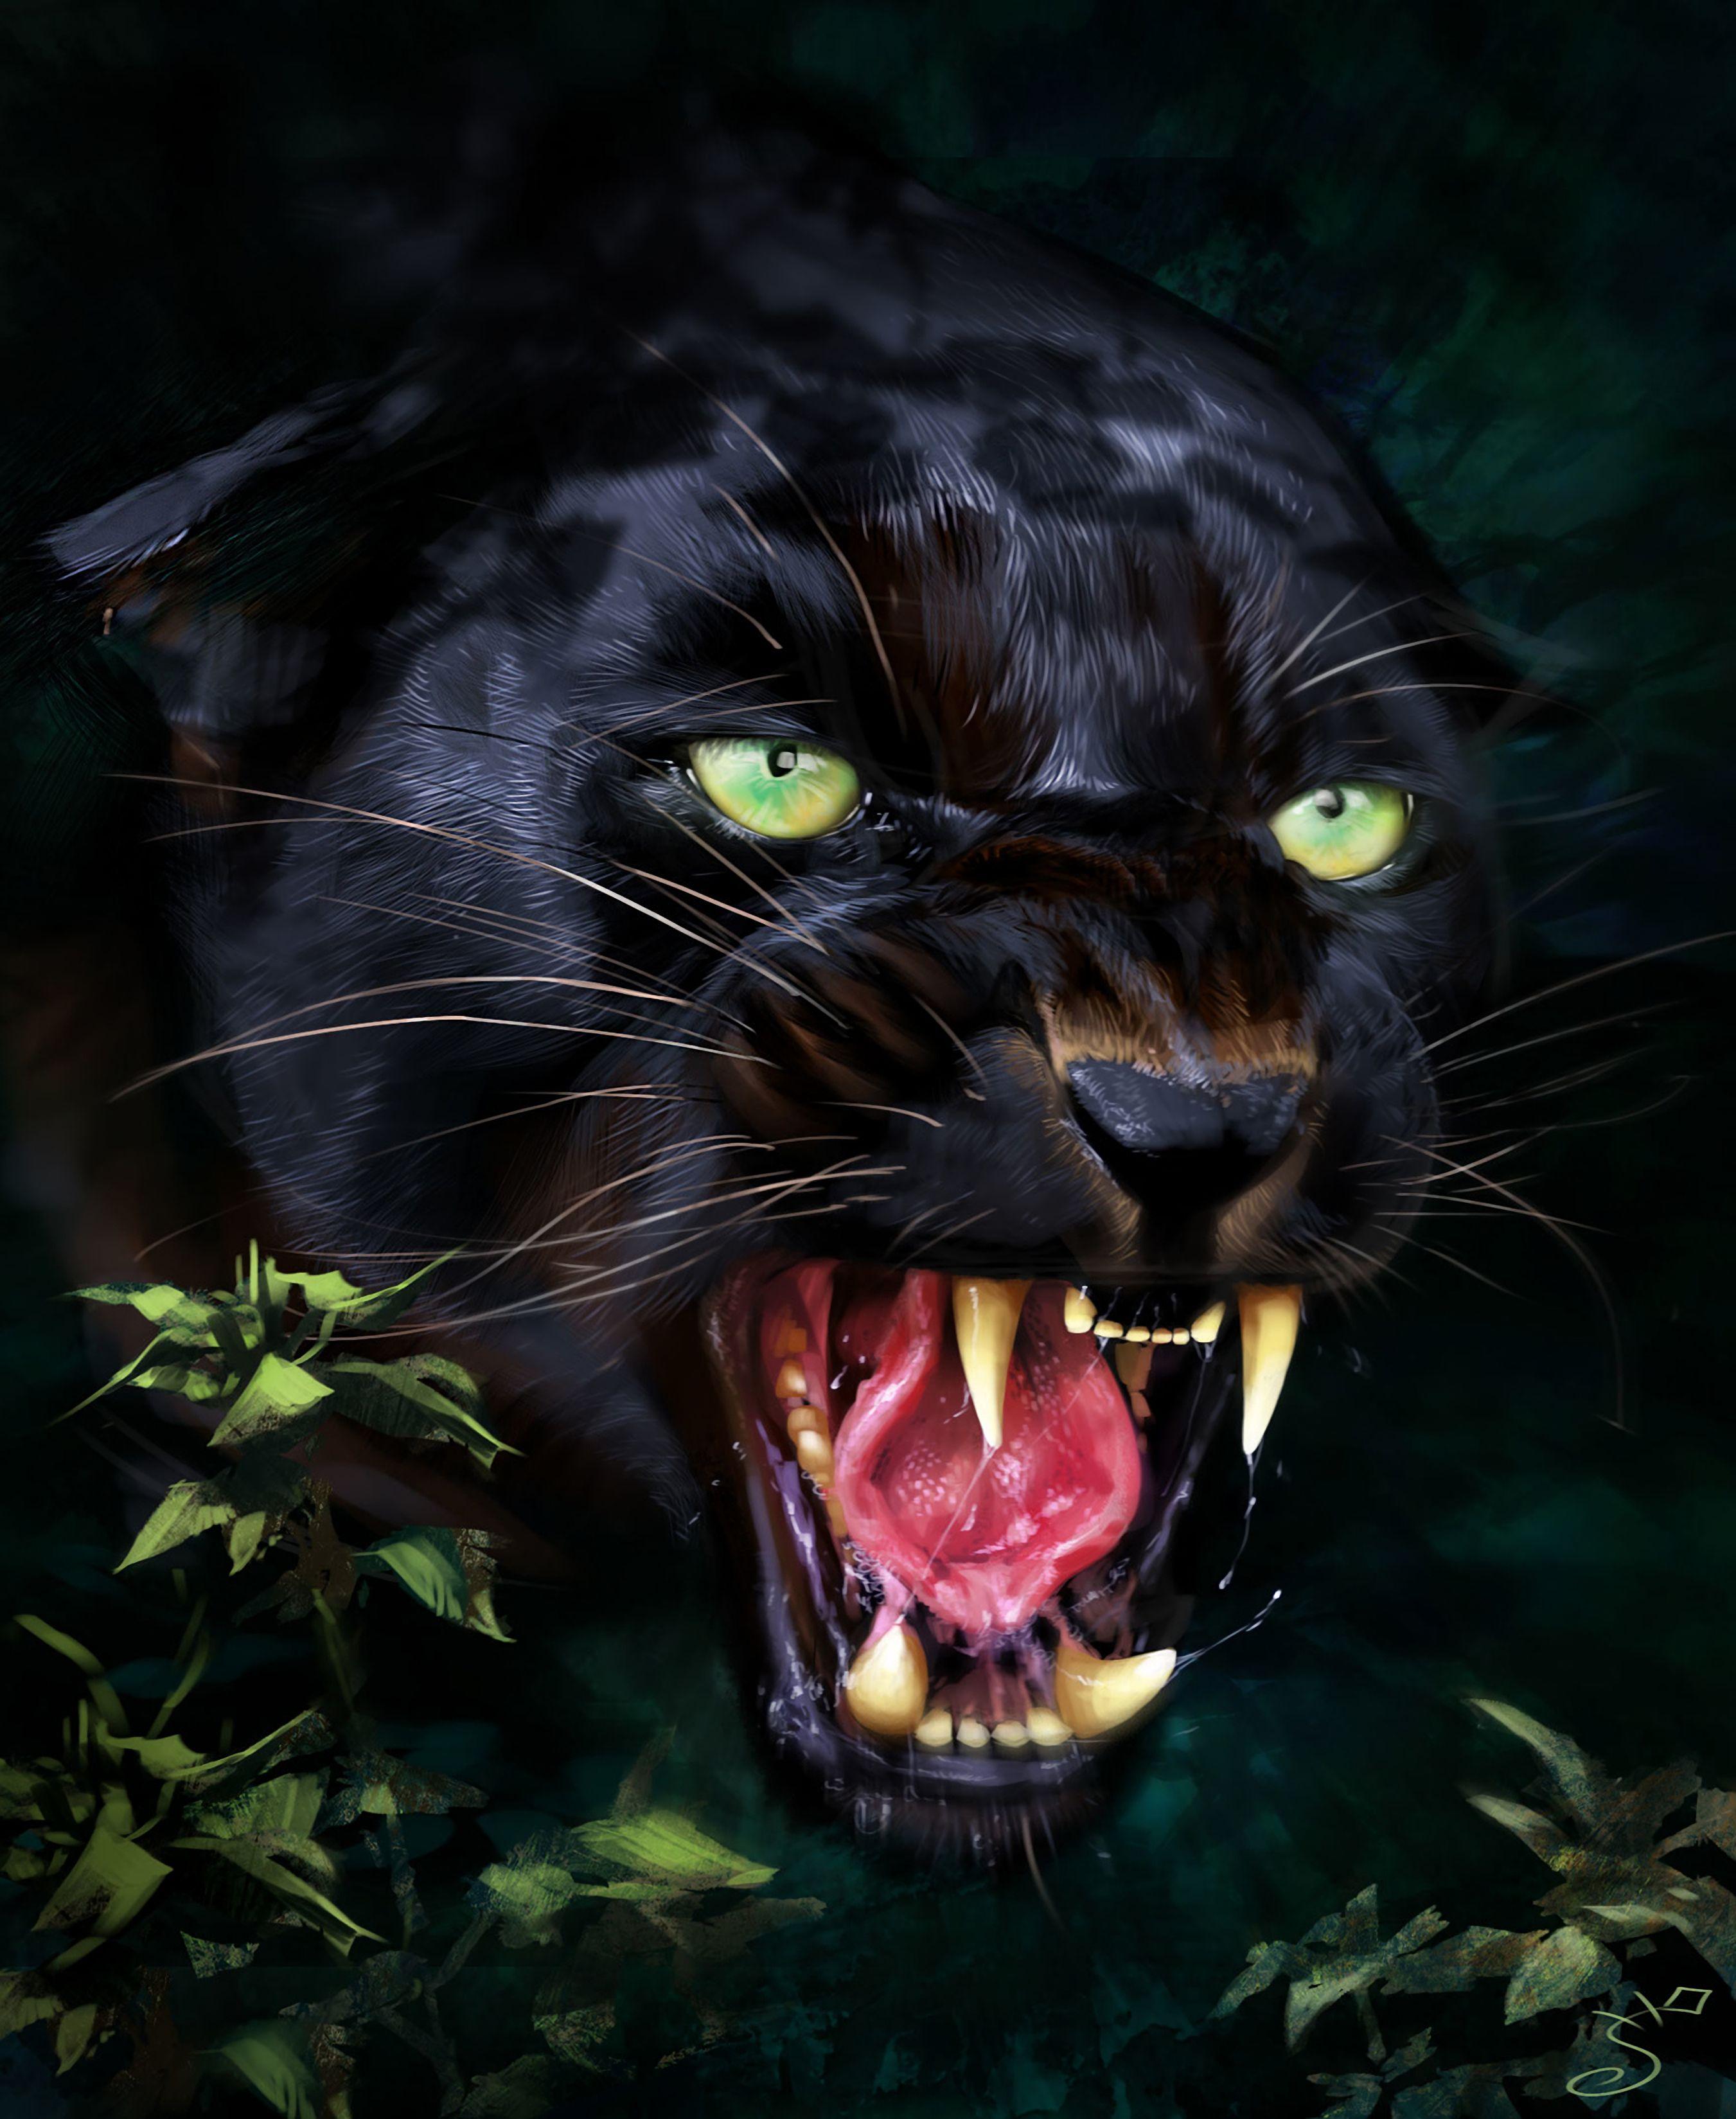 89442 Hintergrundbild herunterladen Kunst, Jaguar, Grinsen, Grin, Raubtier, Predator, Fangzähne, Zähne - Bildschirmschoner und Bilder kostenlos